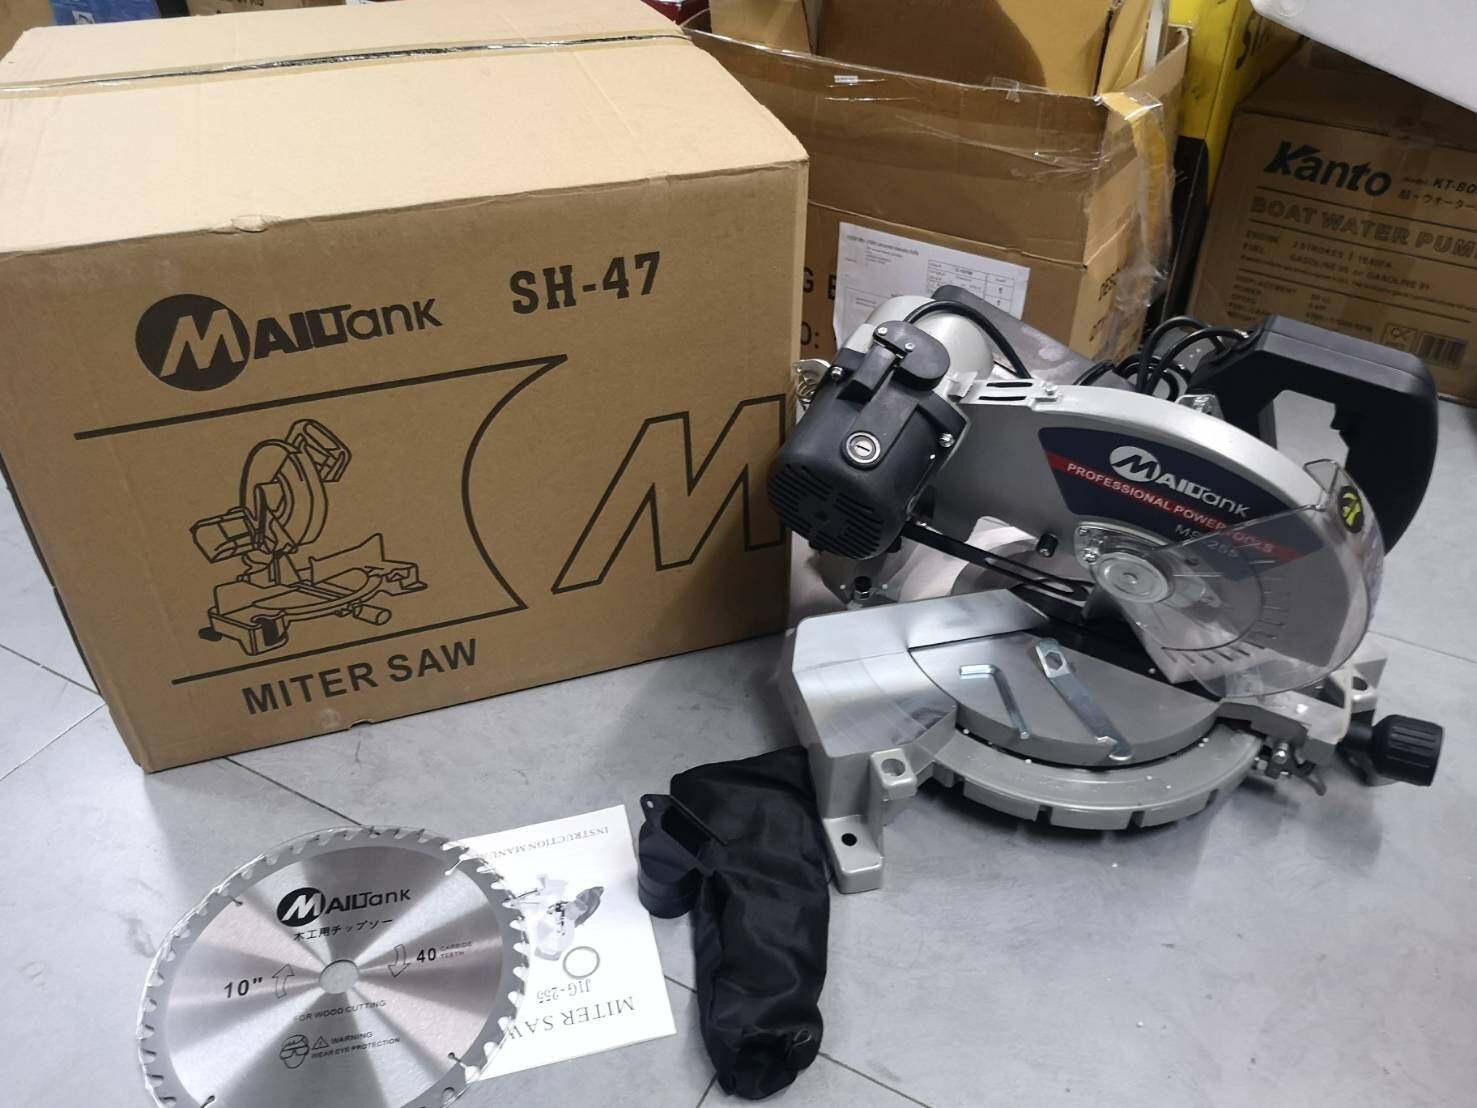 ซื้อที่ไหน 9255A / SH47 แท่นตัดองศา *รุ่นนี้สามารถเอียงได้นะครับ* / Mailtank ตัวแทนจำหน่าย แถมใบด้วย